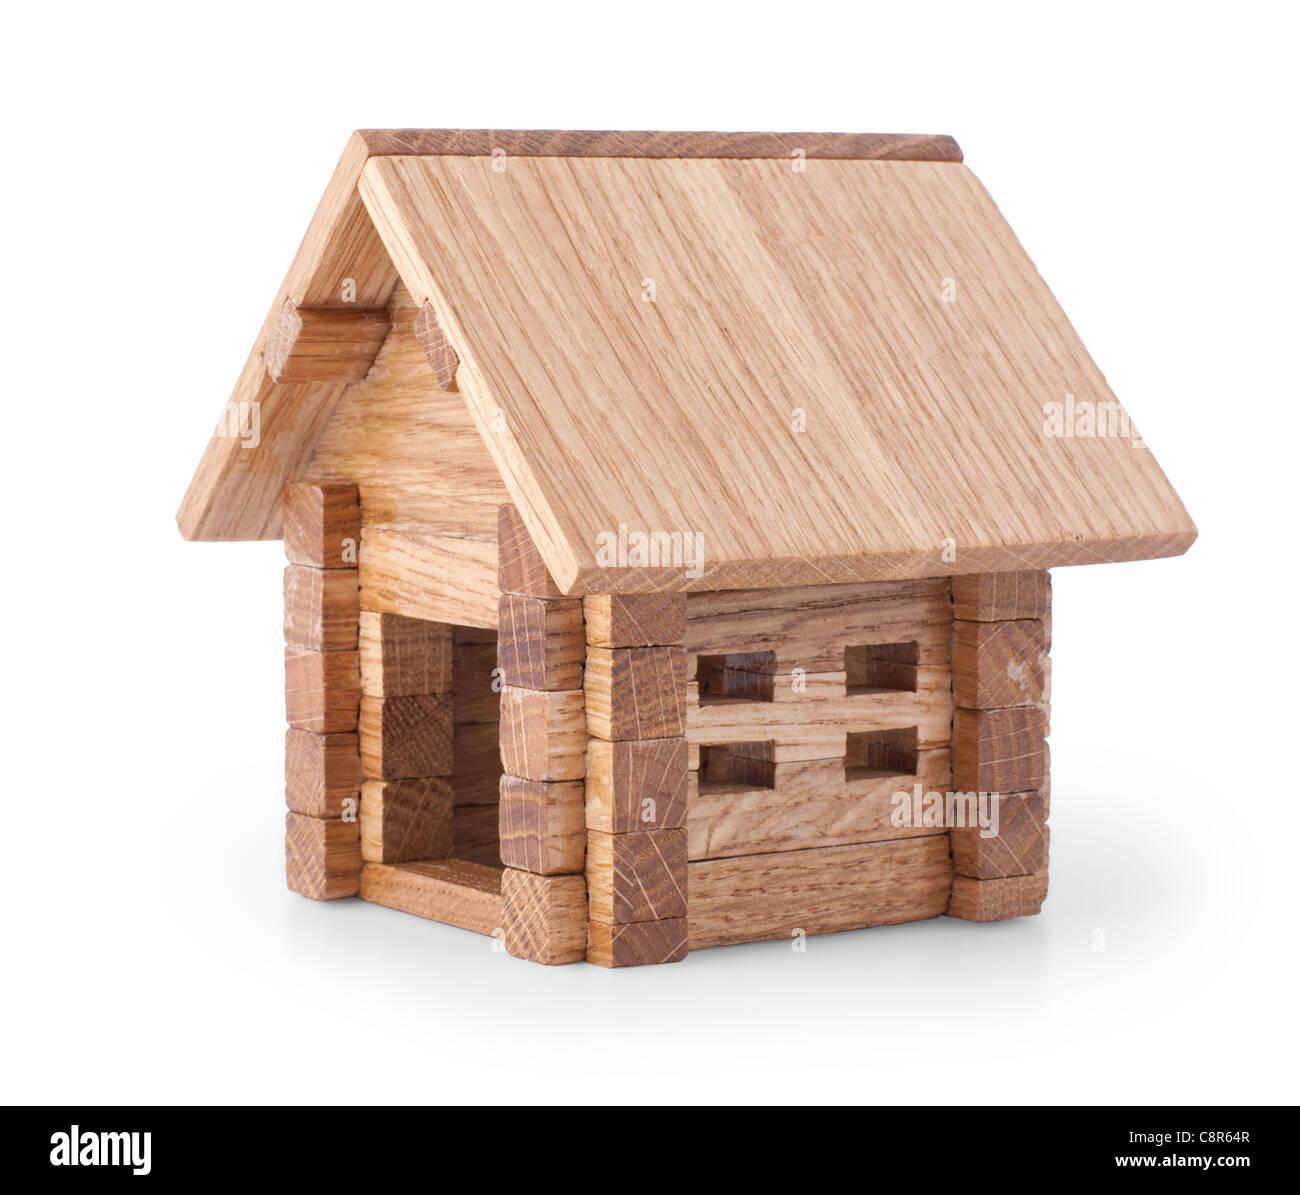 Holz Haus Haensler: Spielzeug Aus Holz Haus Isoliert Auf Weißem Hintergrund